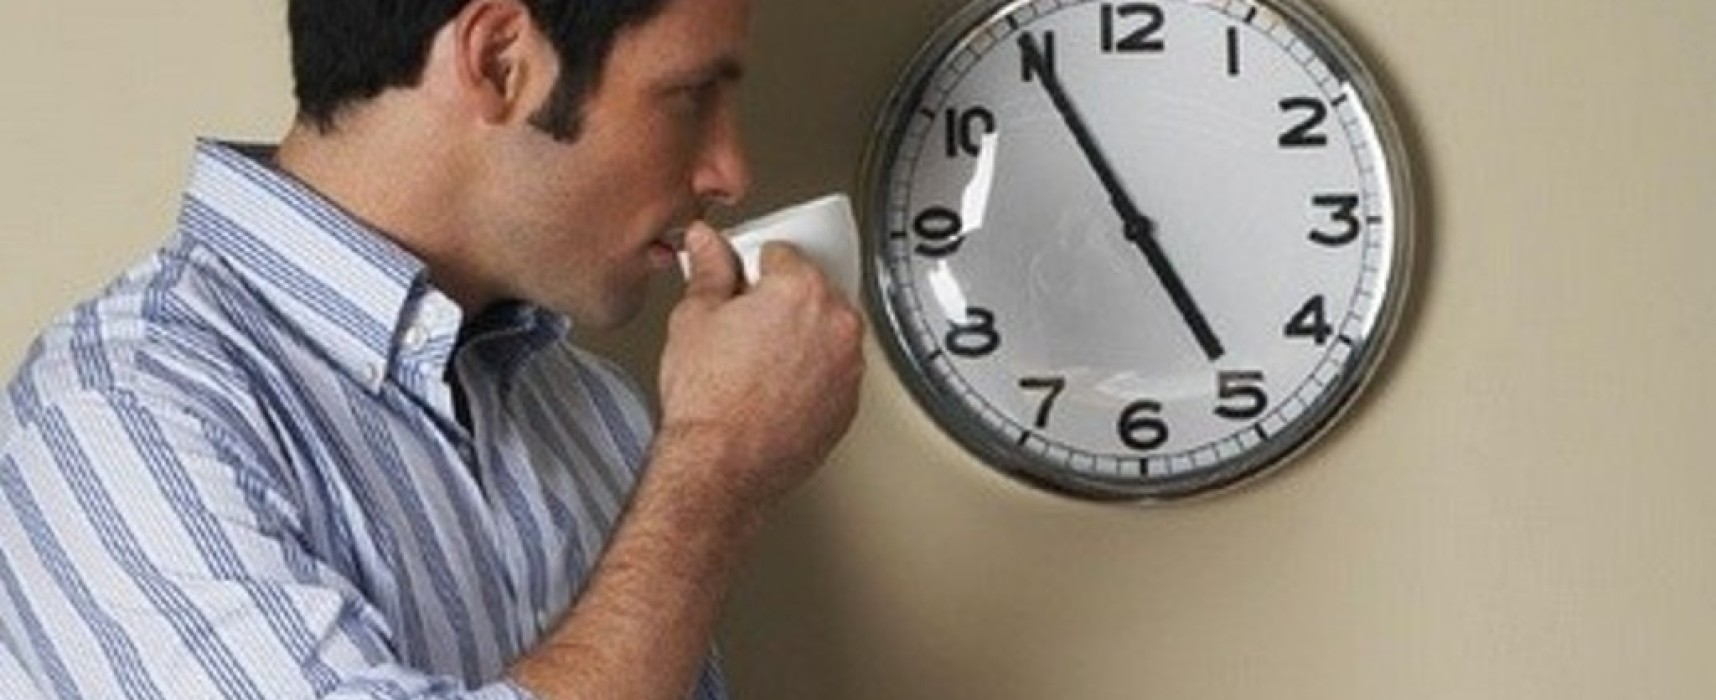 Какова продолжительность перерывов в течение рабочего дня по закону?